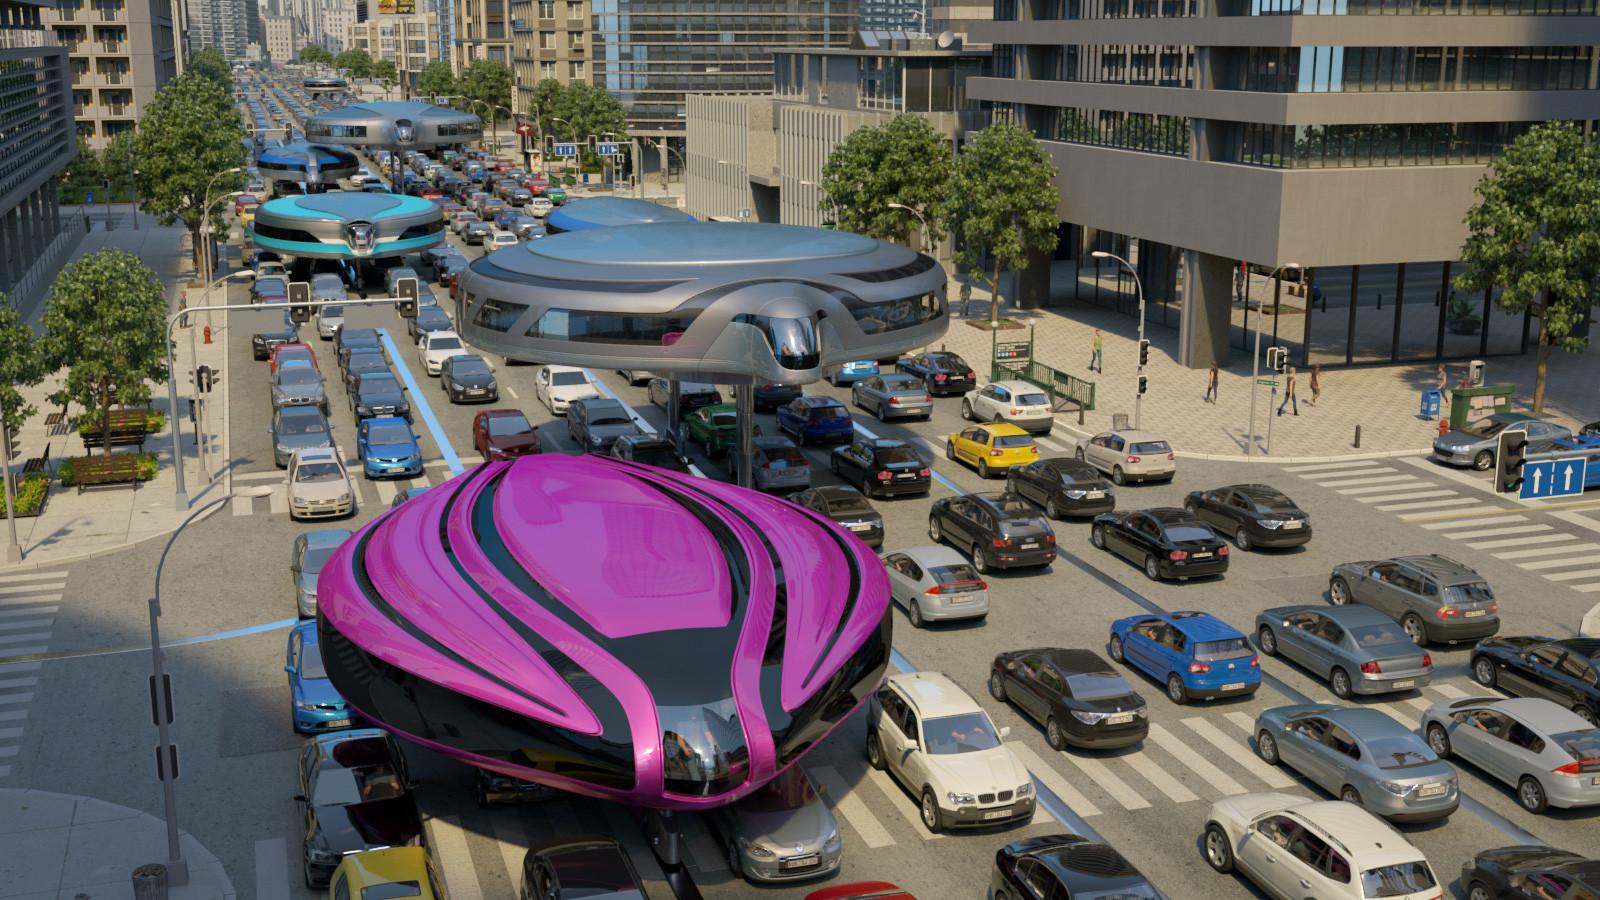 Adiós a los atascos: Cómo un ingeniero ruso pretende revolucionar el transporte en todo el mundo